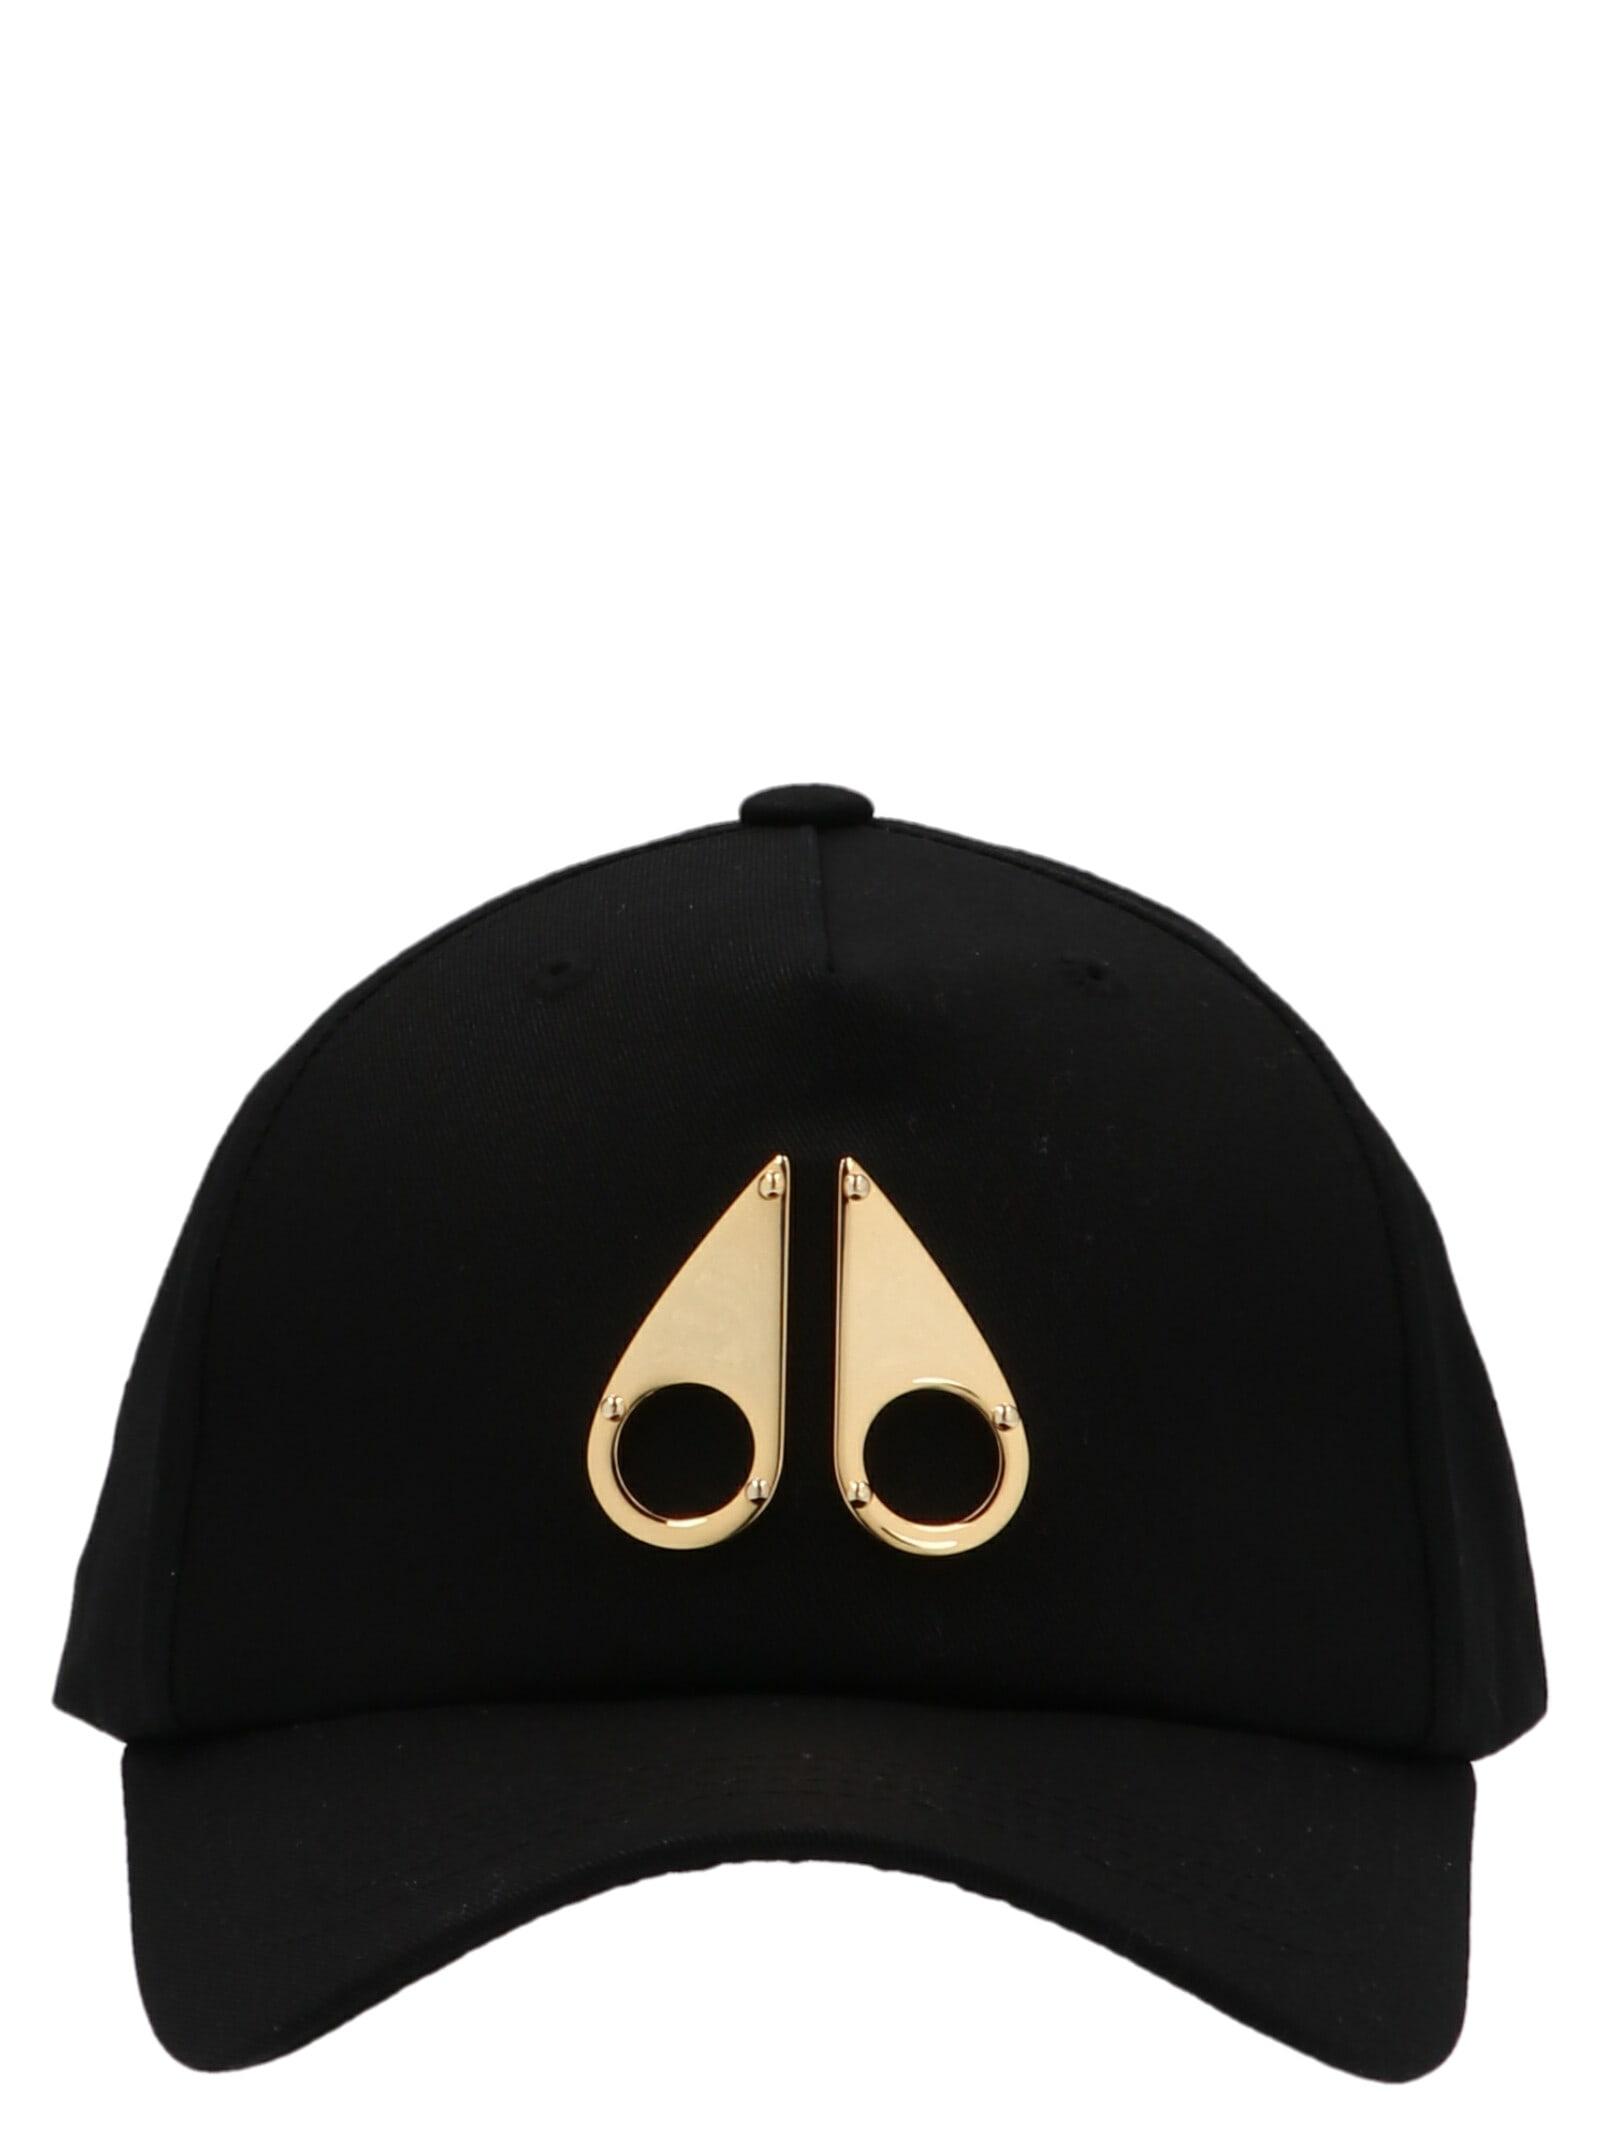 Moose Knuckles LOGO ICON CAP